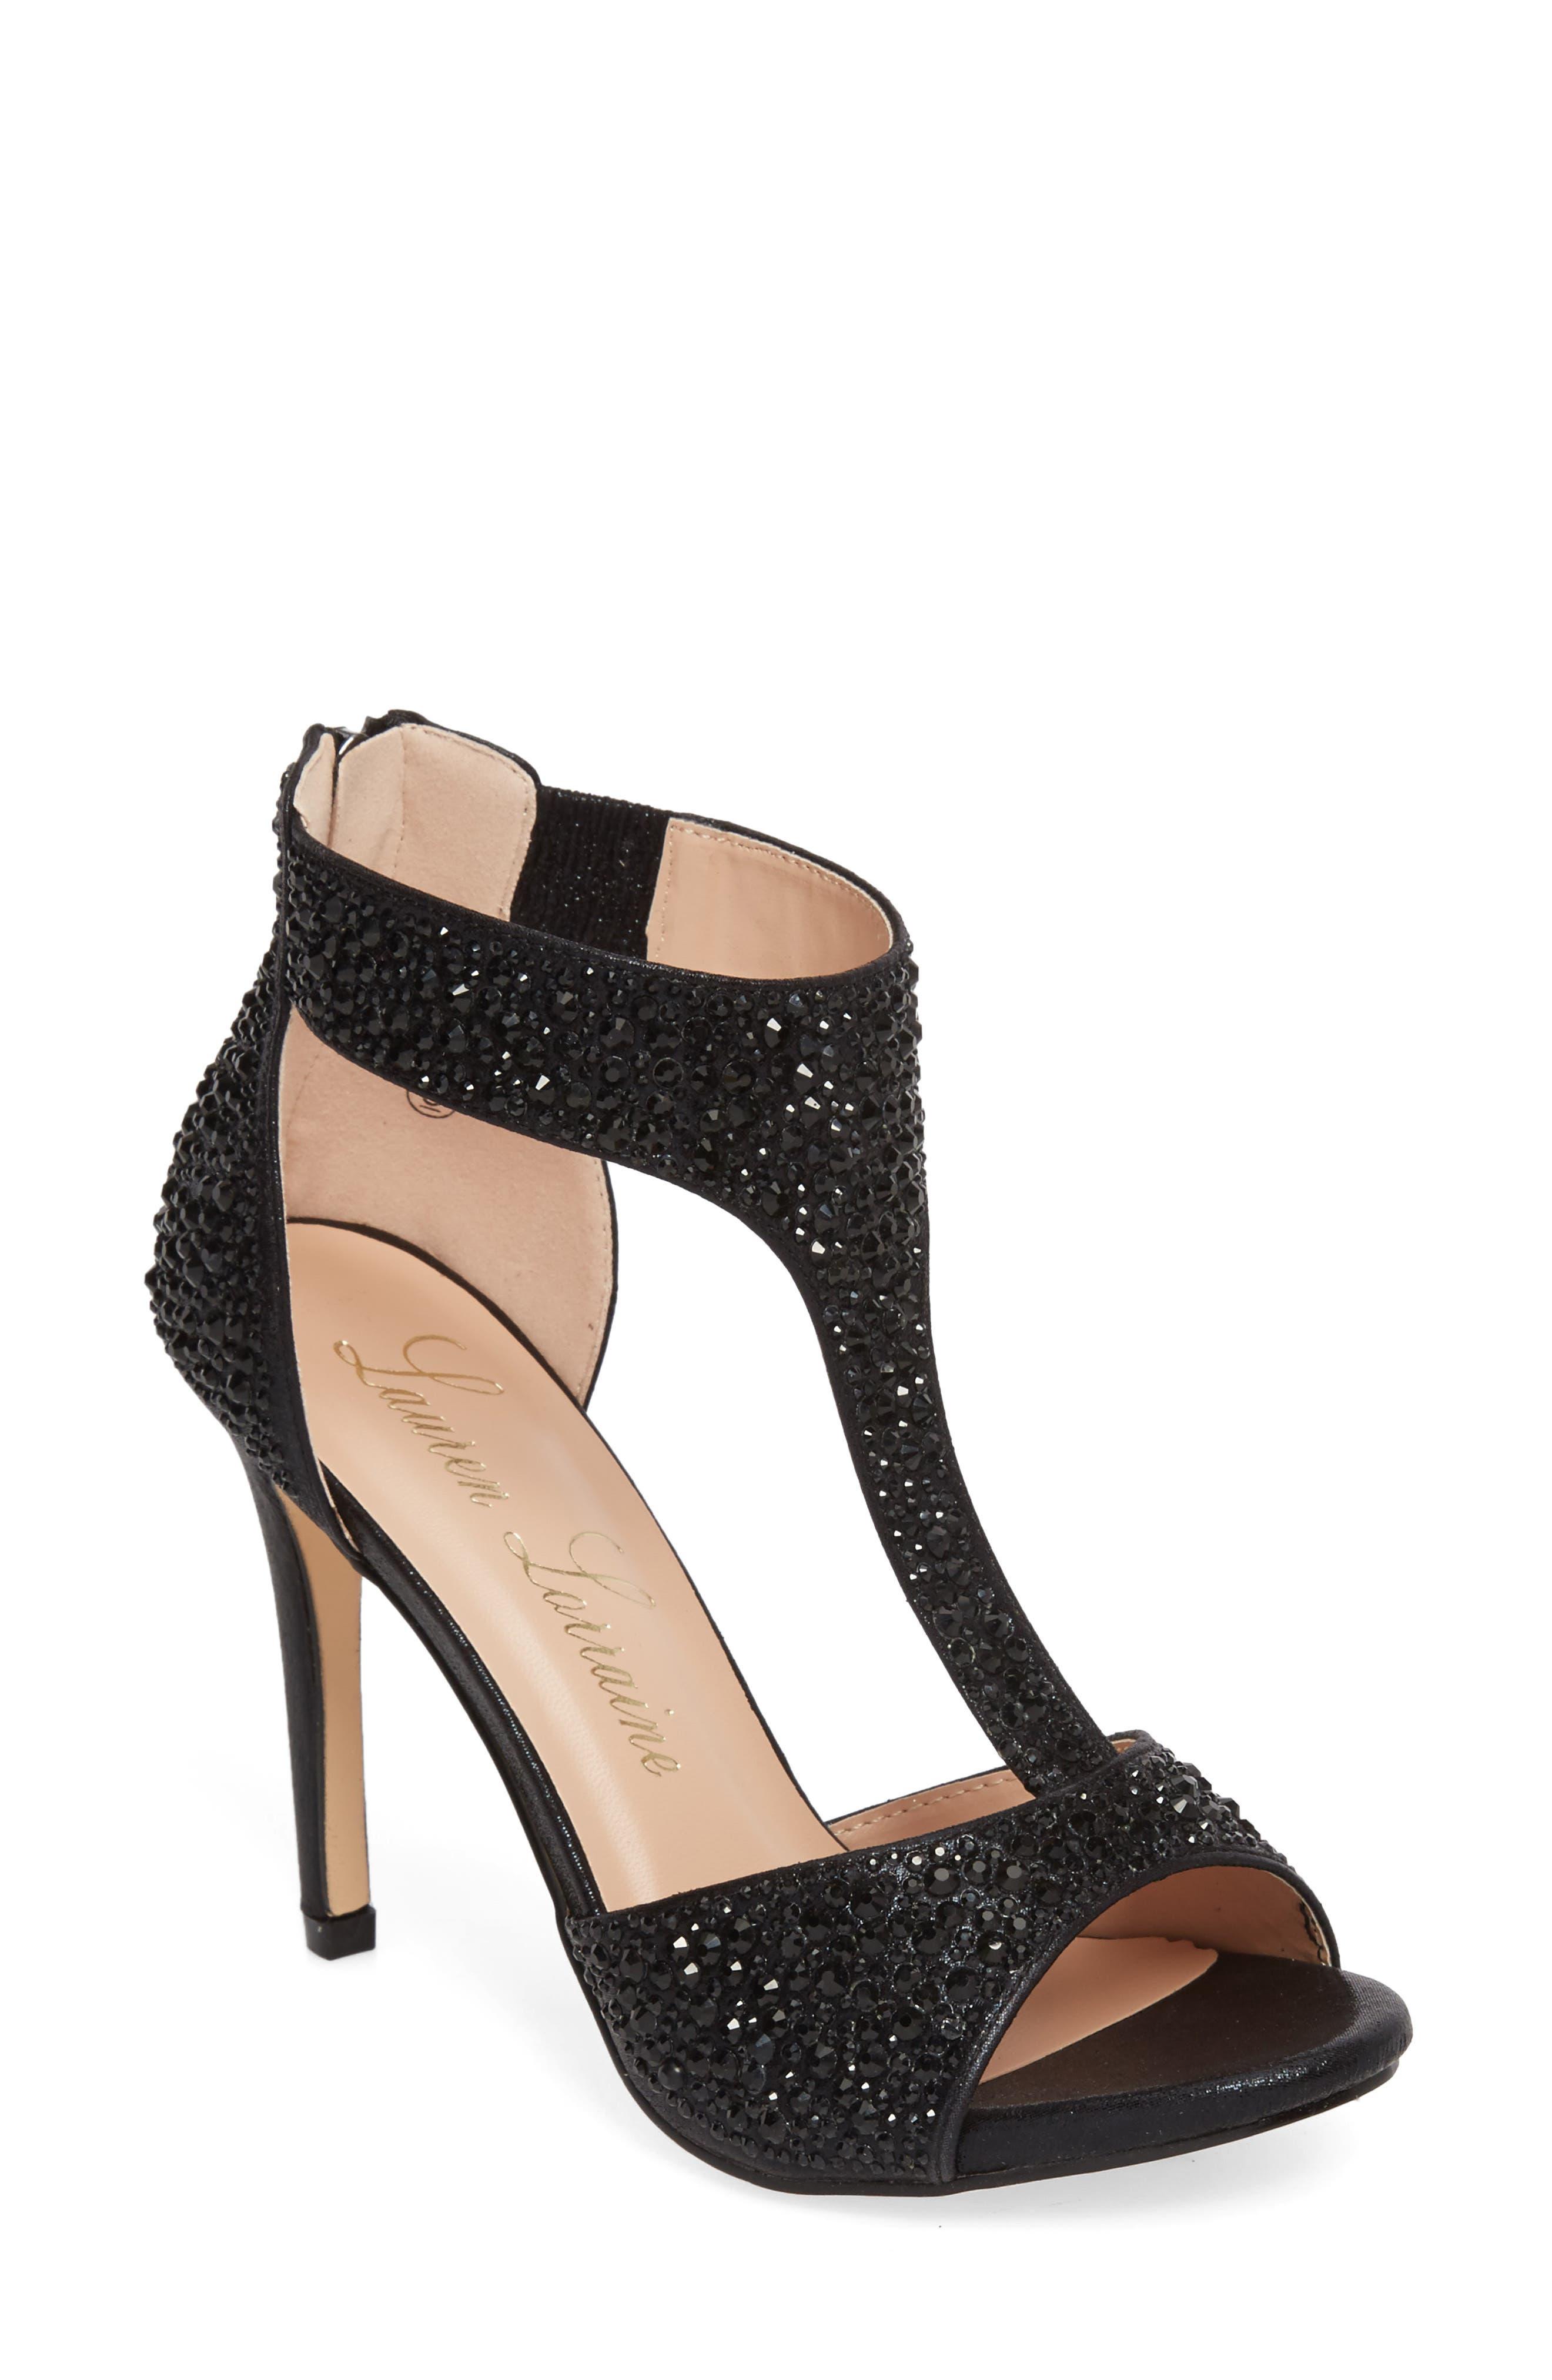 LAUREN LORRAINE Ina Crystal Embellished Sandal, Main, color, 001